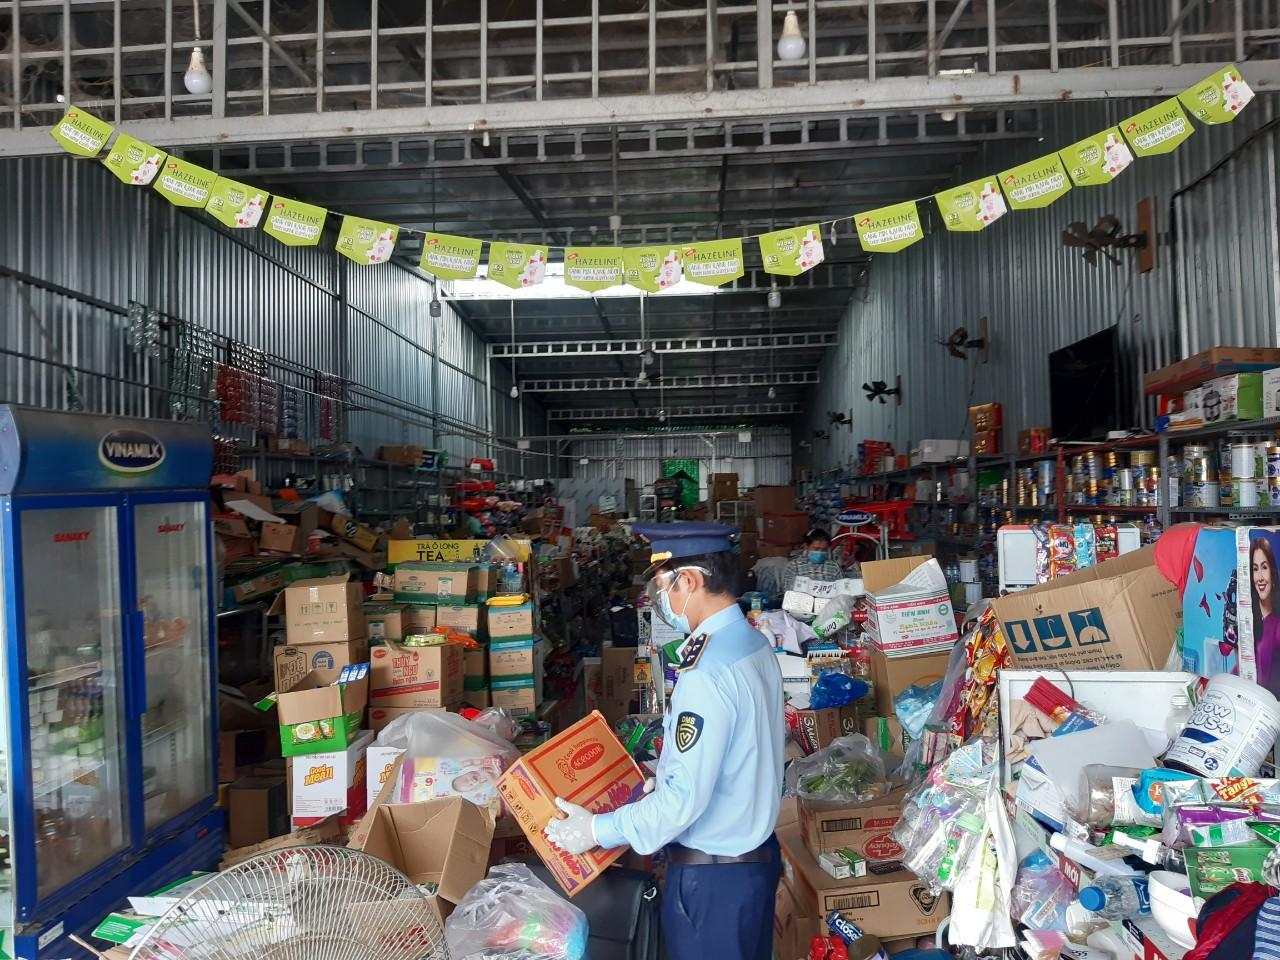 Tiền Giang: Kiểm tra, phát hiện 03 cơ sở kinh doanh lương thực, thực phẩm, trang thiết bị y tế không niêm yết giá